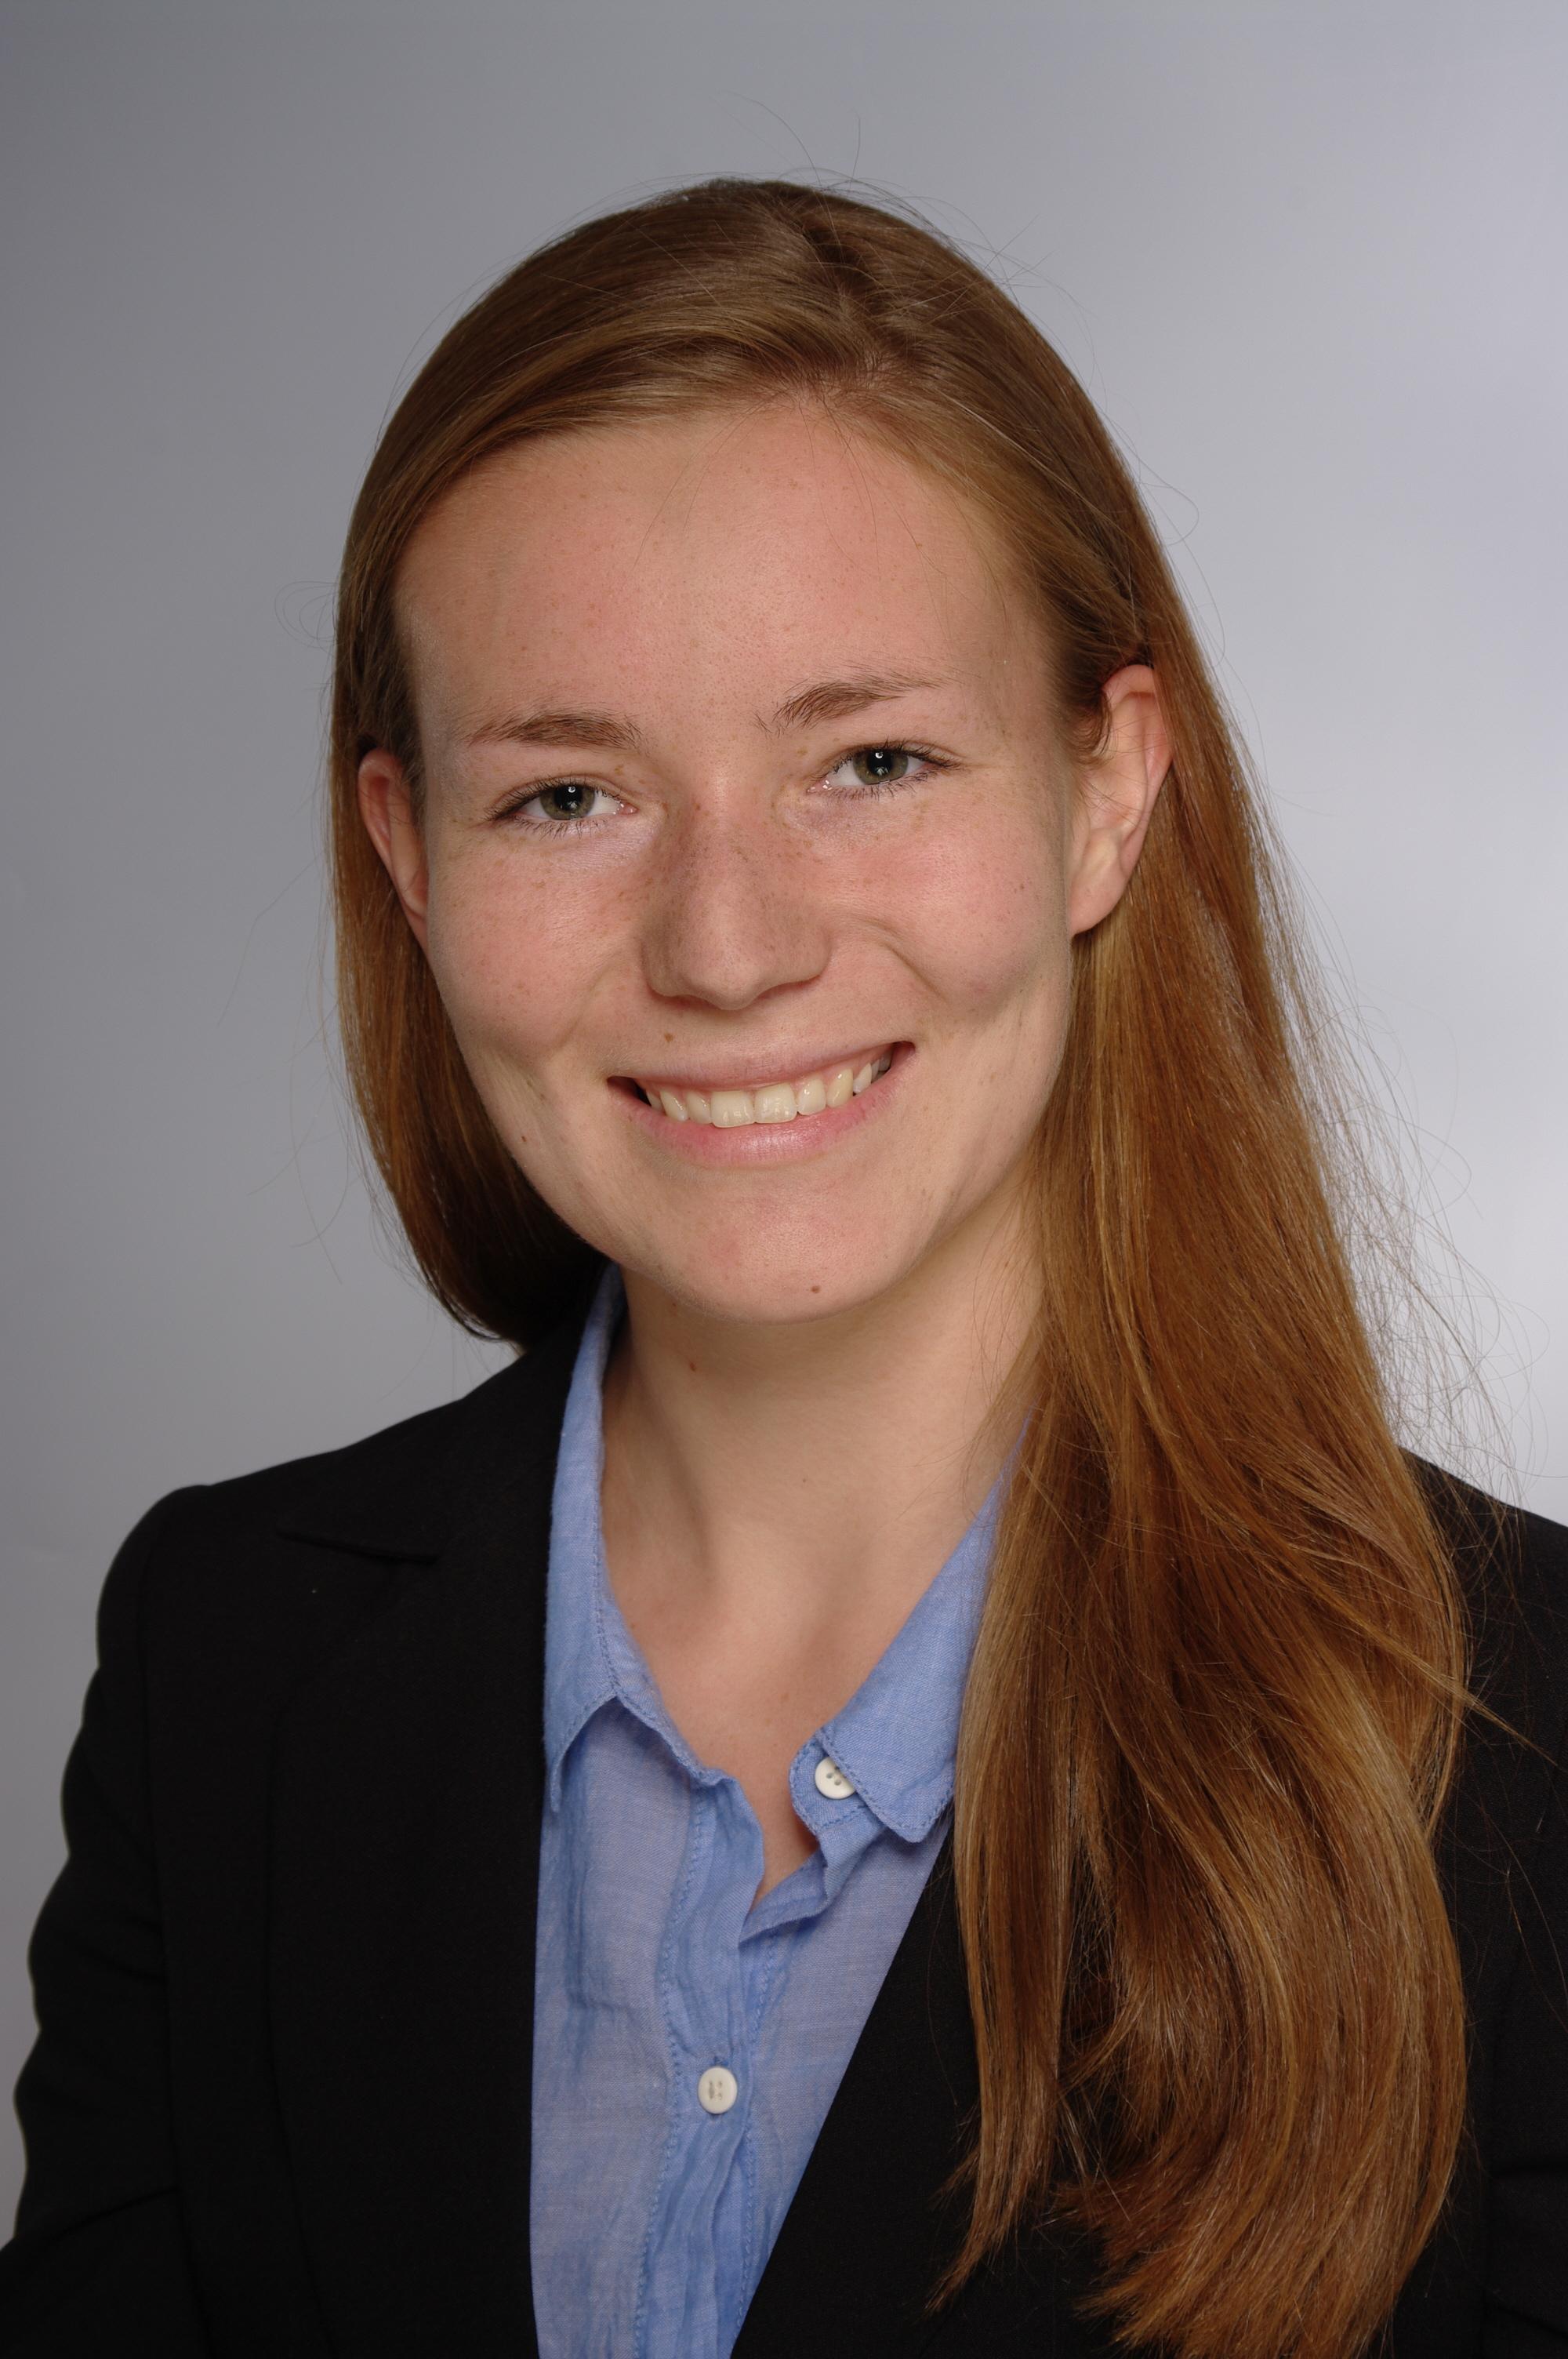 Maria Brück